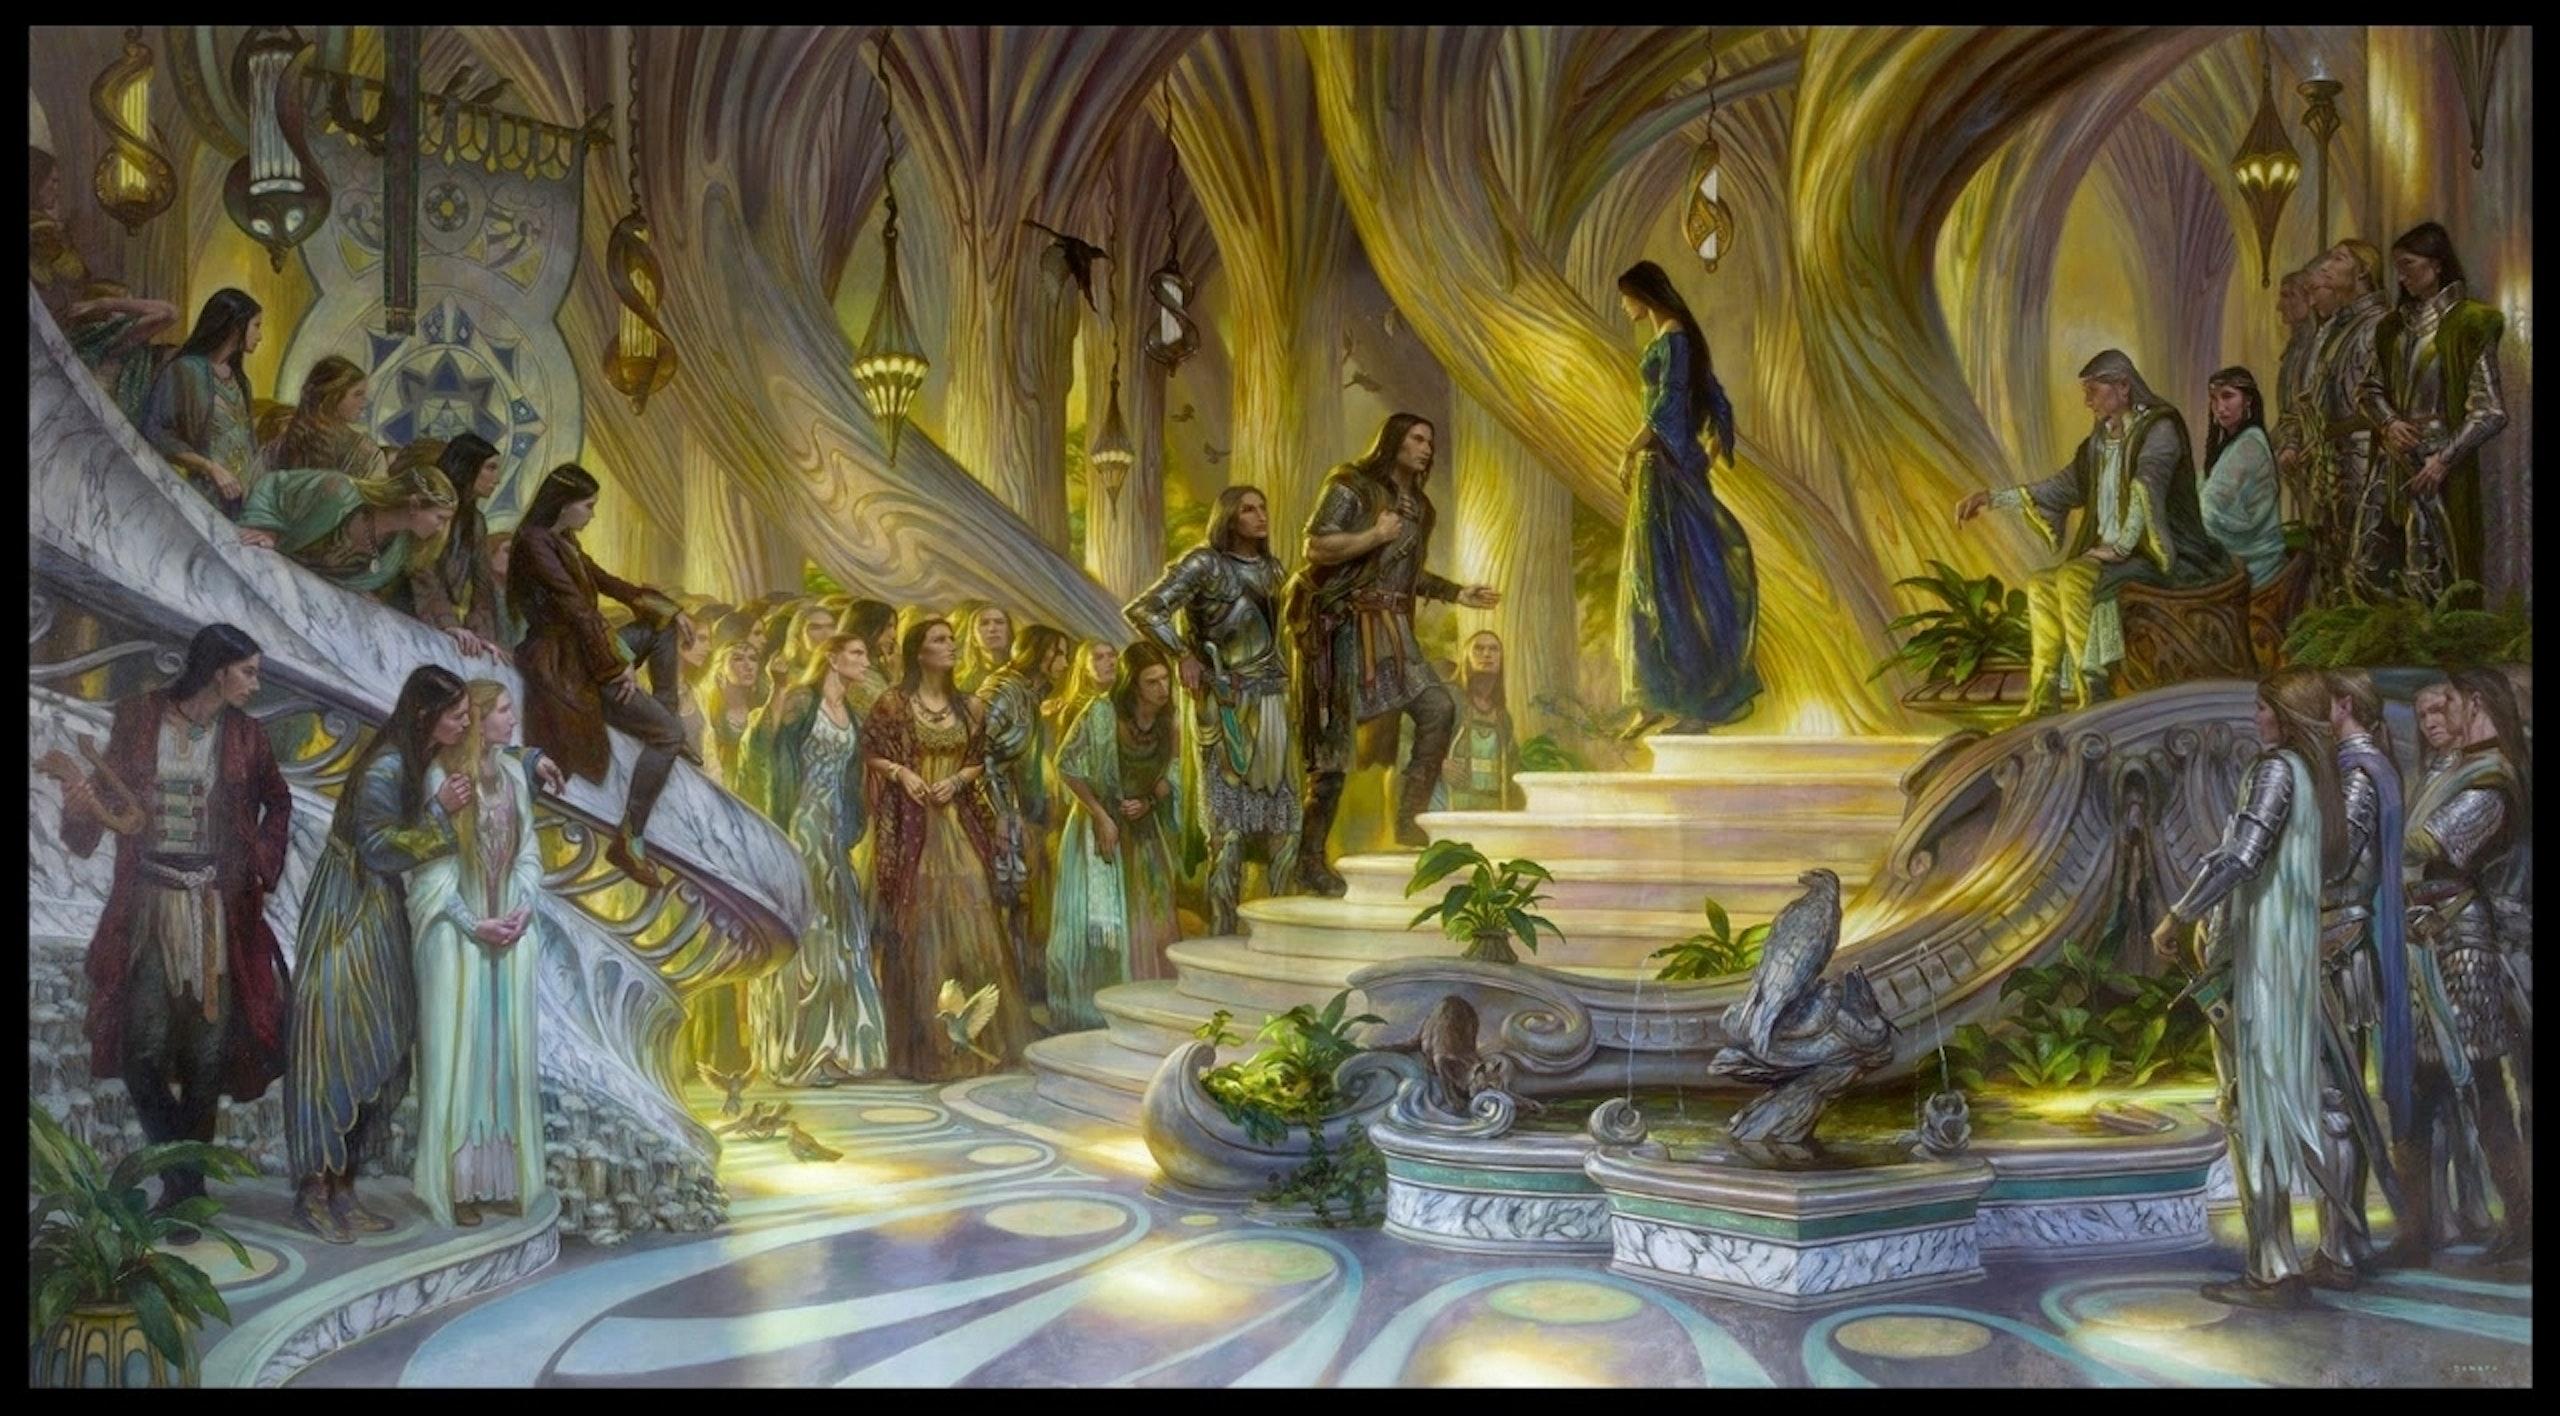 Beren and Lúthien in Thingol's Court